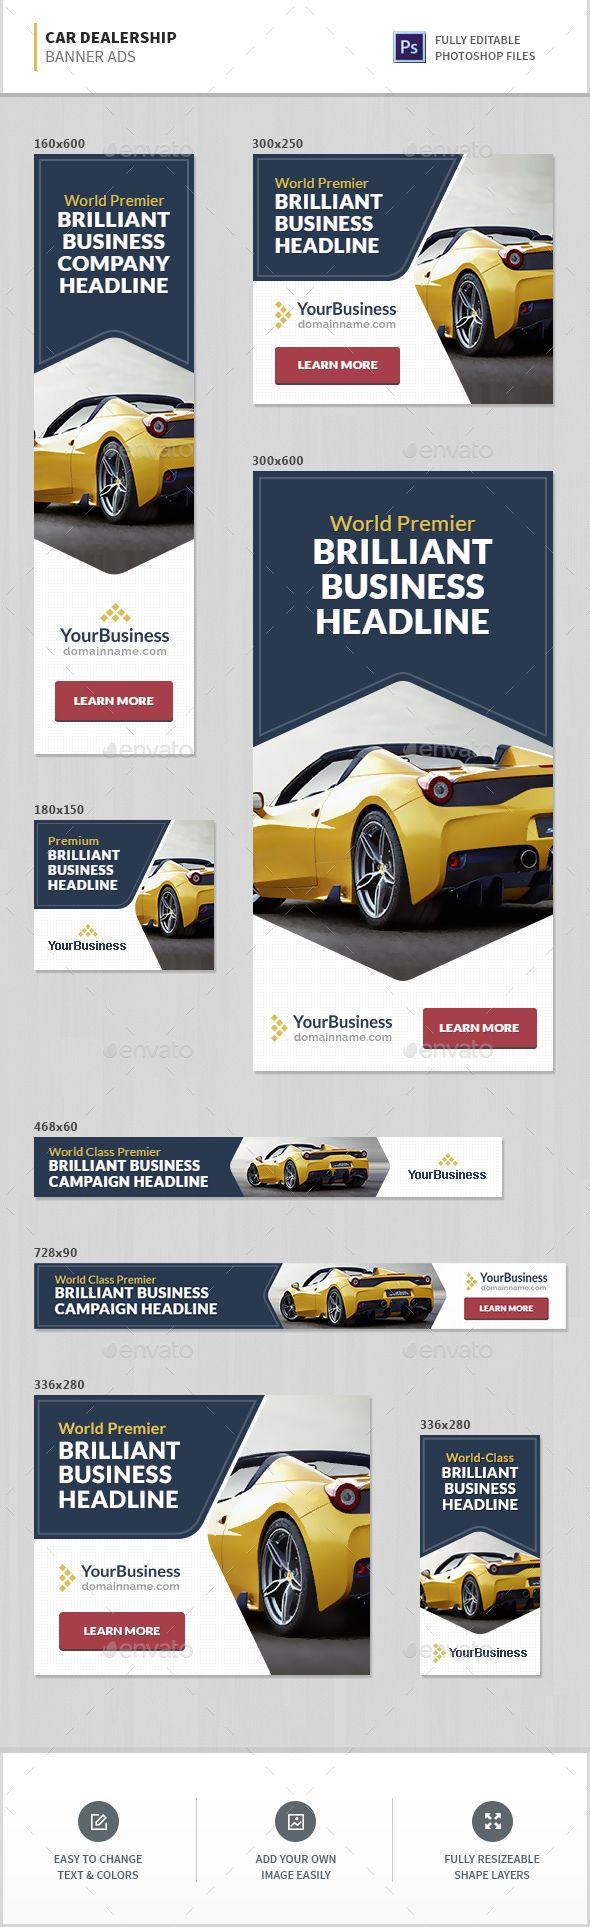 Car Dealership Banner Ads Templates PSD. Download here: http://graphicriver.net/item/car-dealership-banner-ads/16300188?ref=ksioks